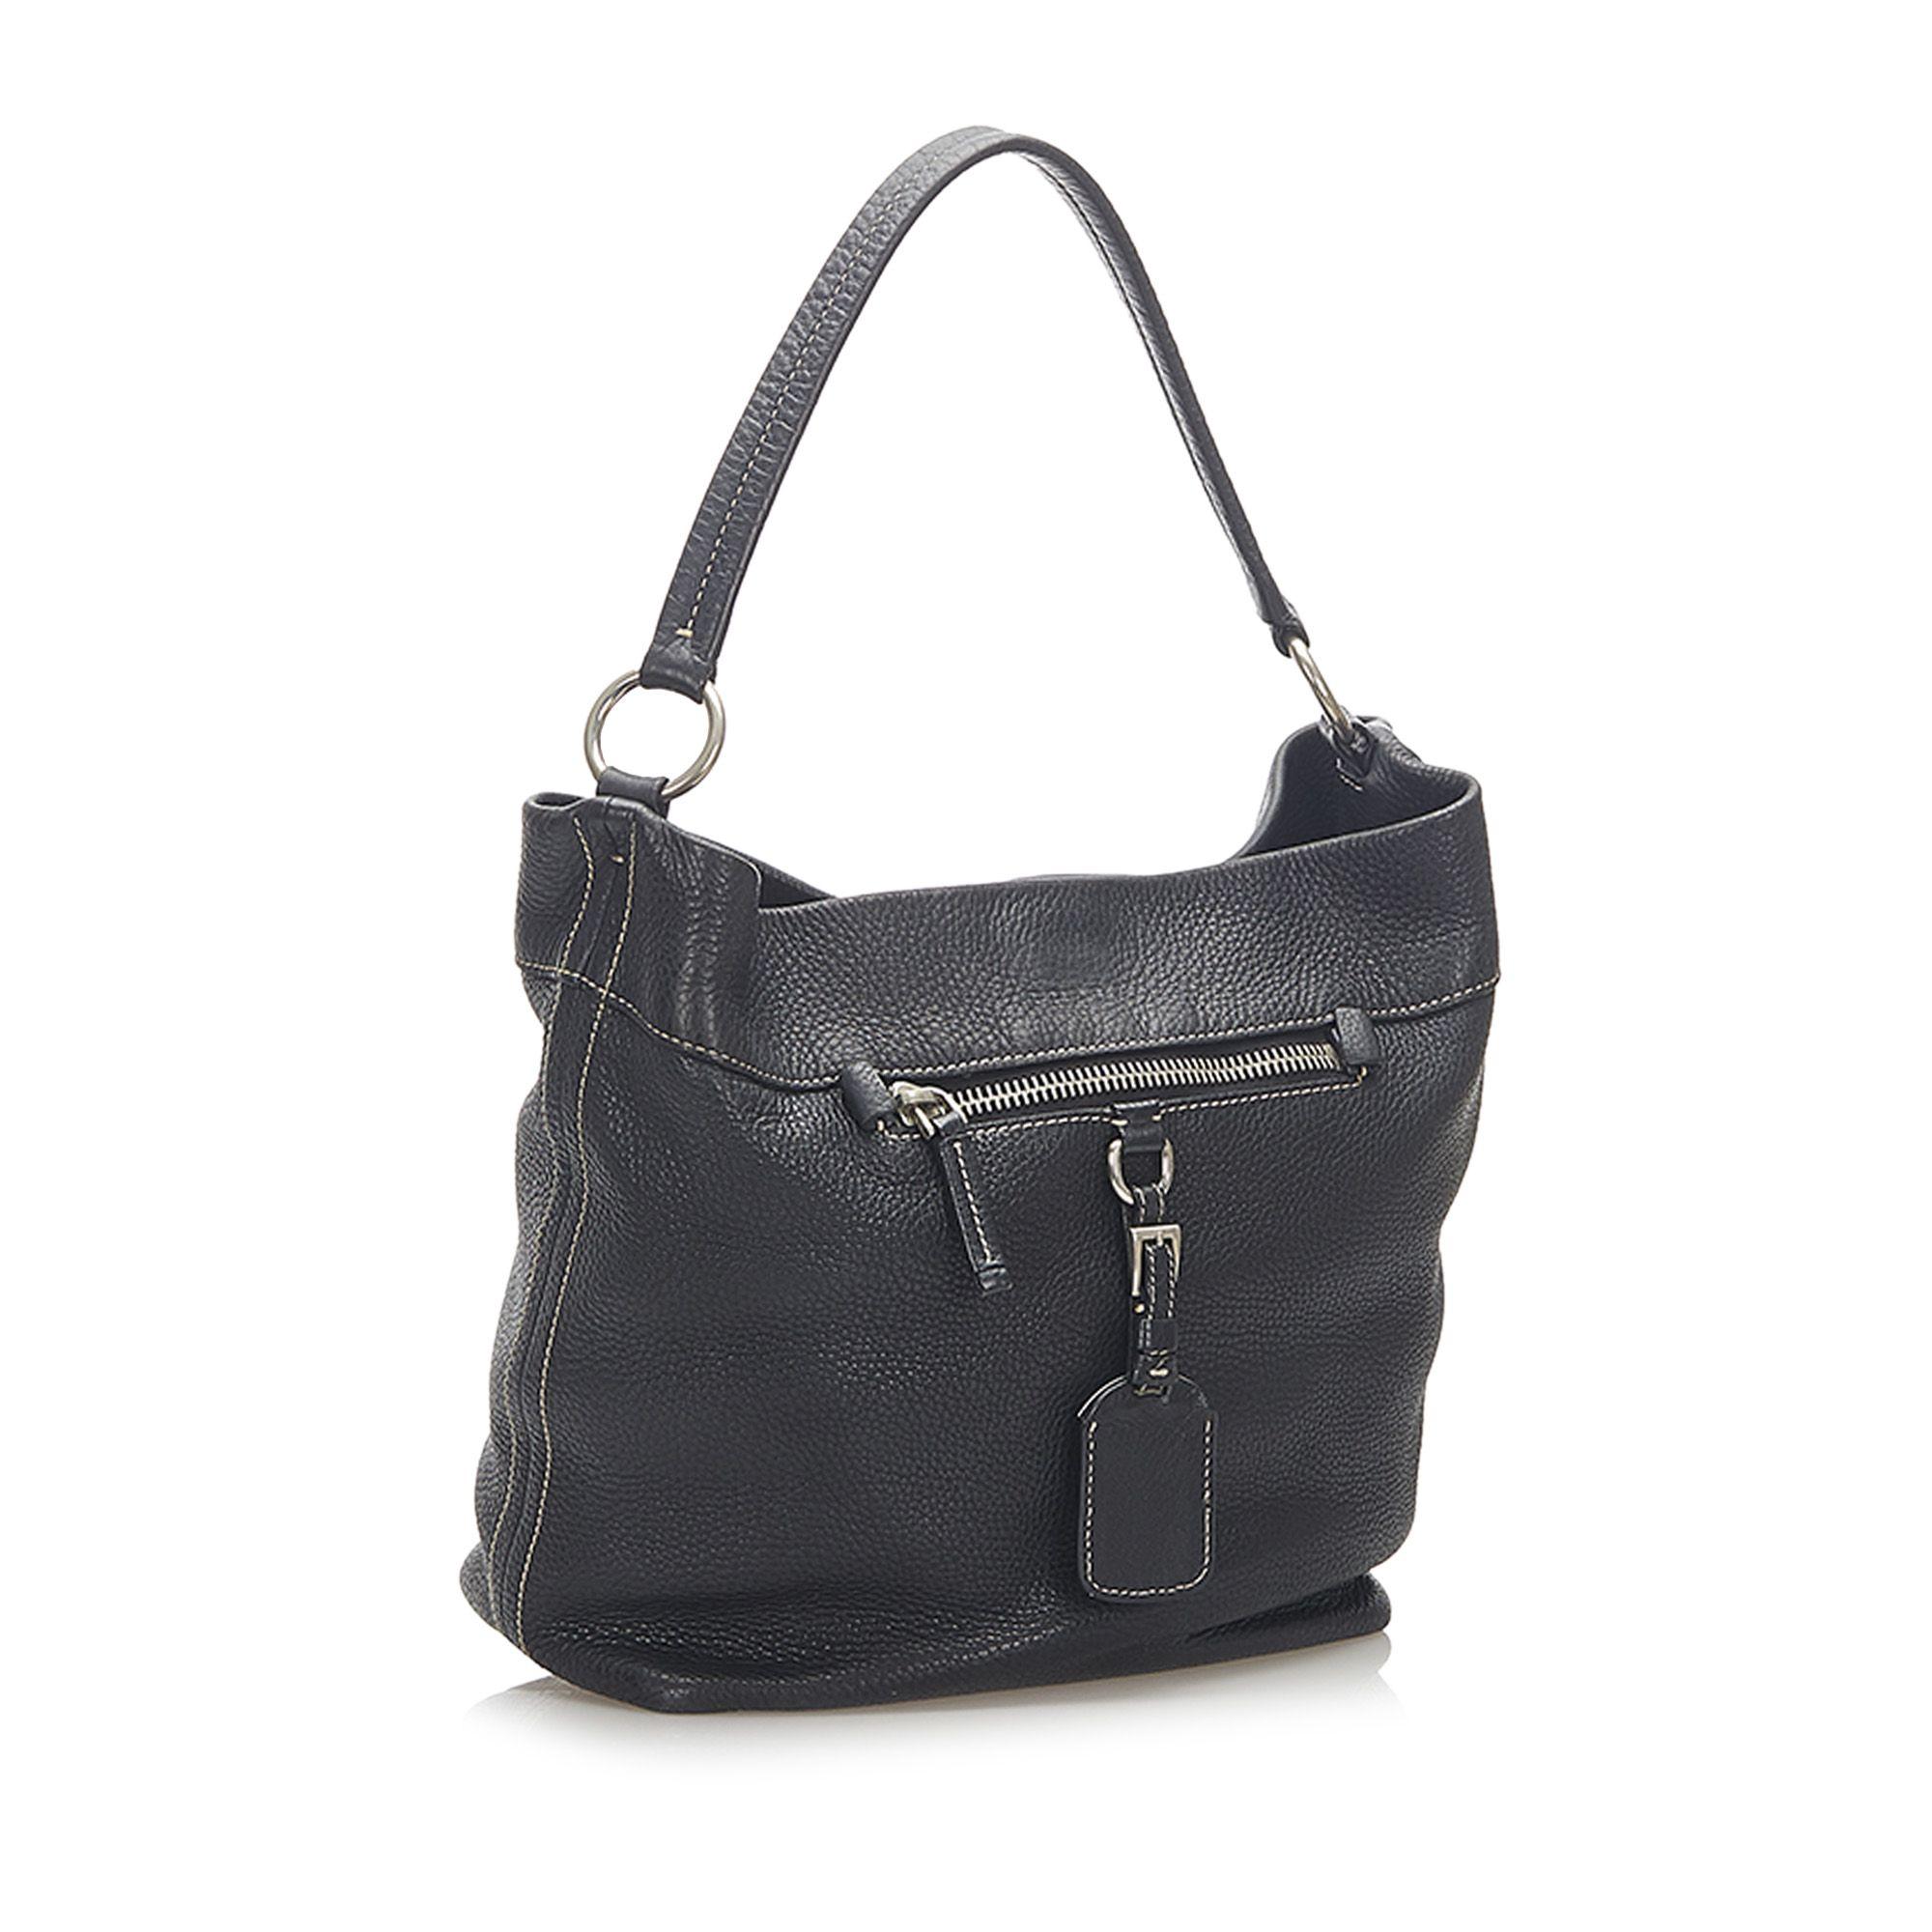 Vintage Prada Leather Shoulder Bag Black